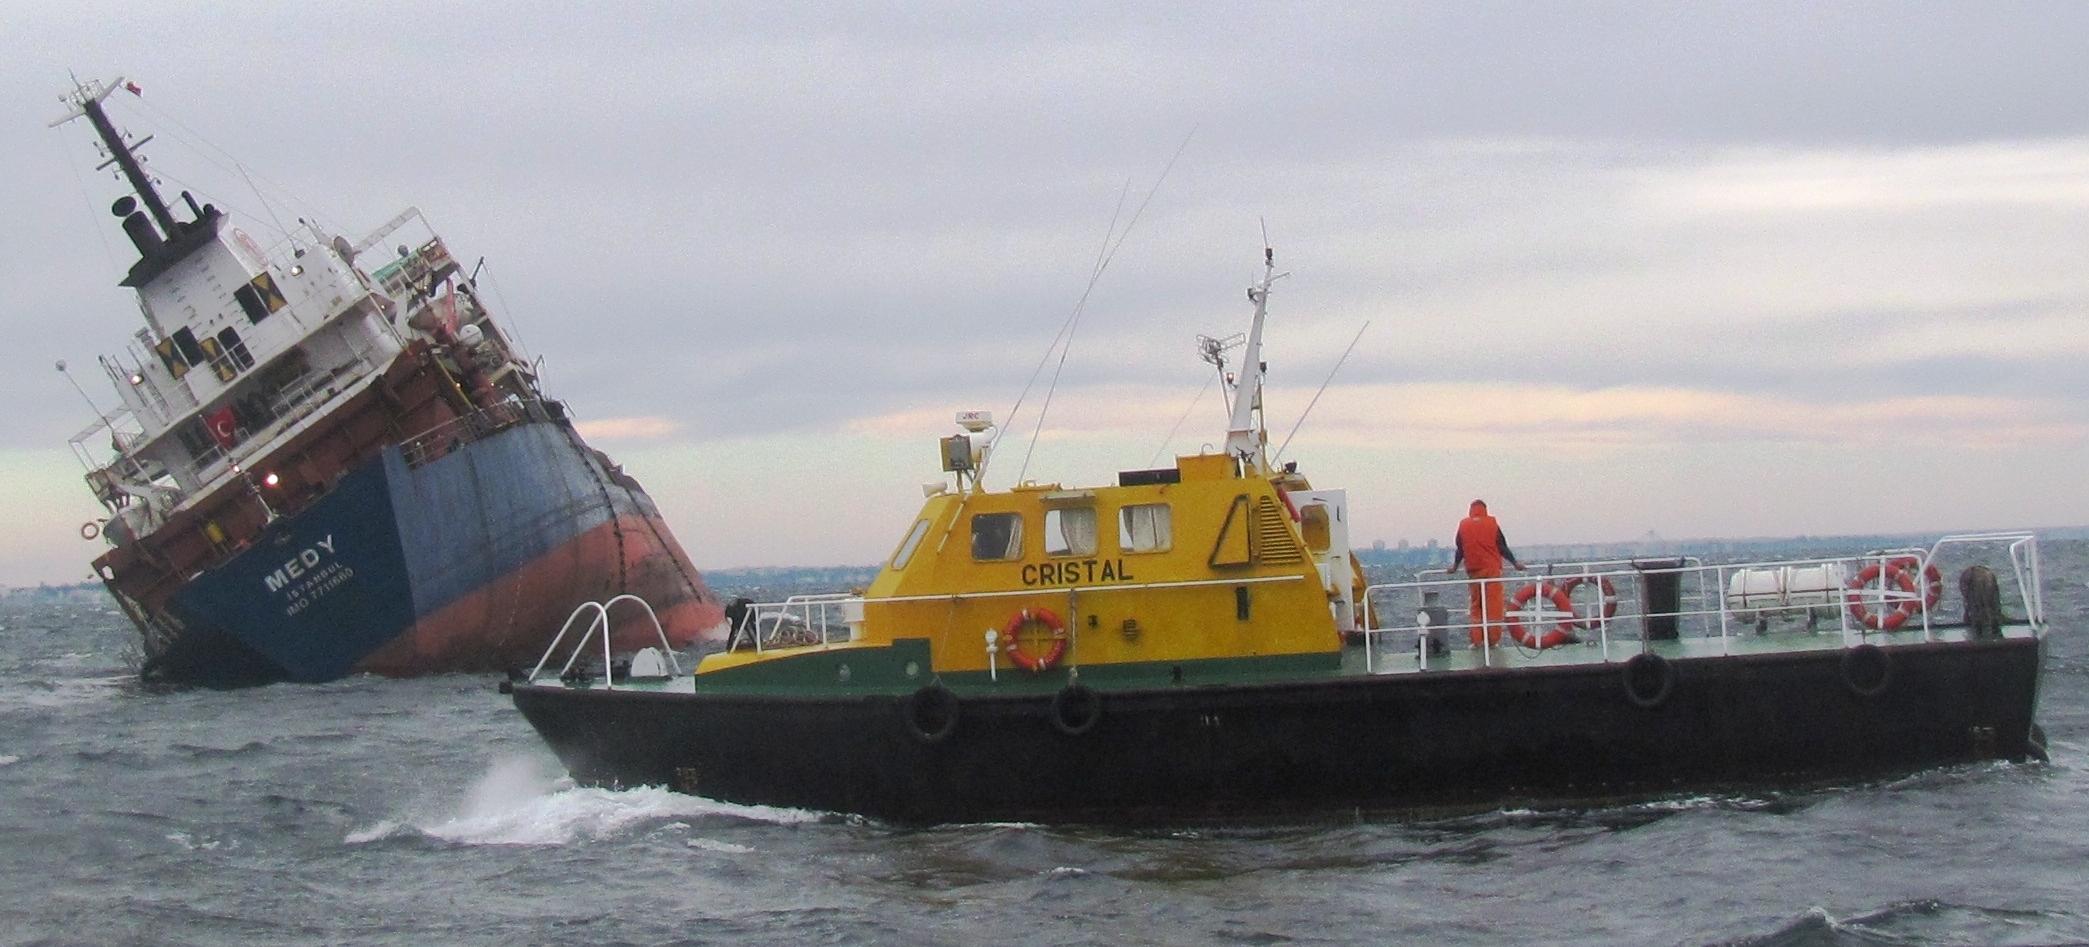 """Șalupa """"Cristal"""" a ajuns în zona sinistrului, cargoul """"Medy"""" fiind în pericol real de scufundare."""